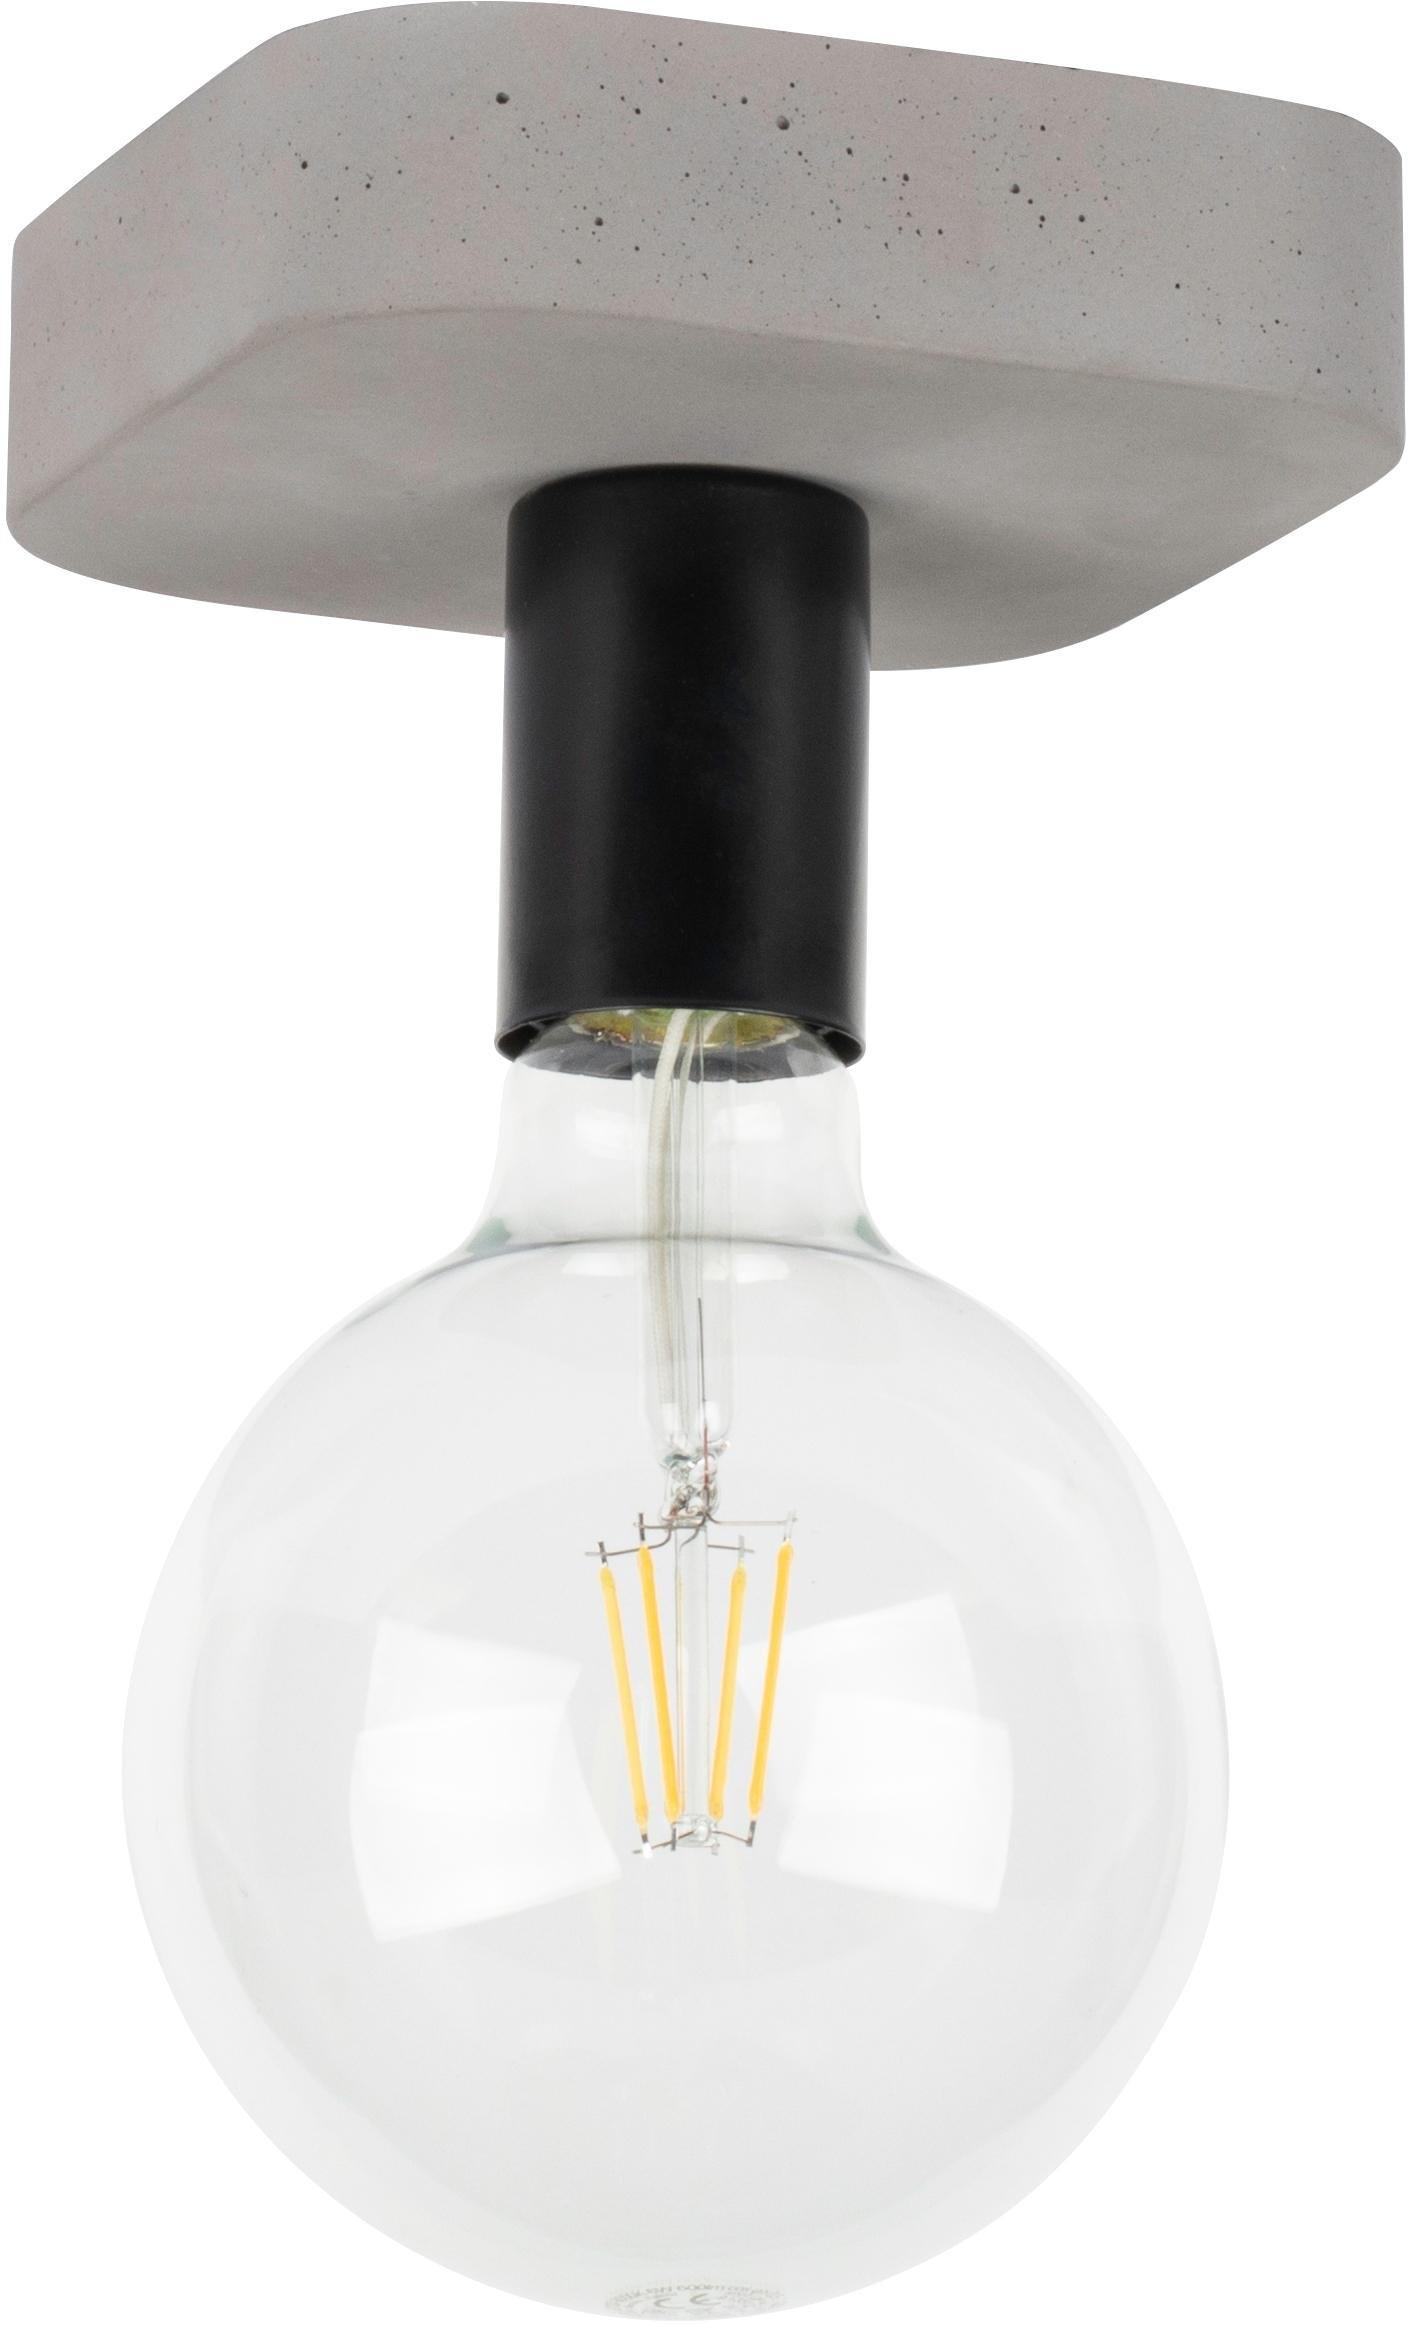 Spot Light plafondlamp »FORTAN«, bij OTTO online kopen